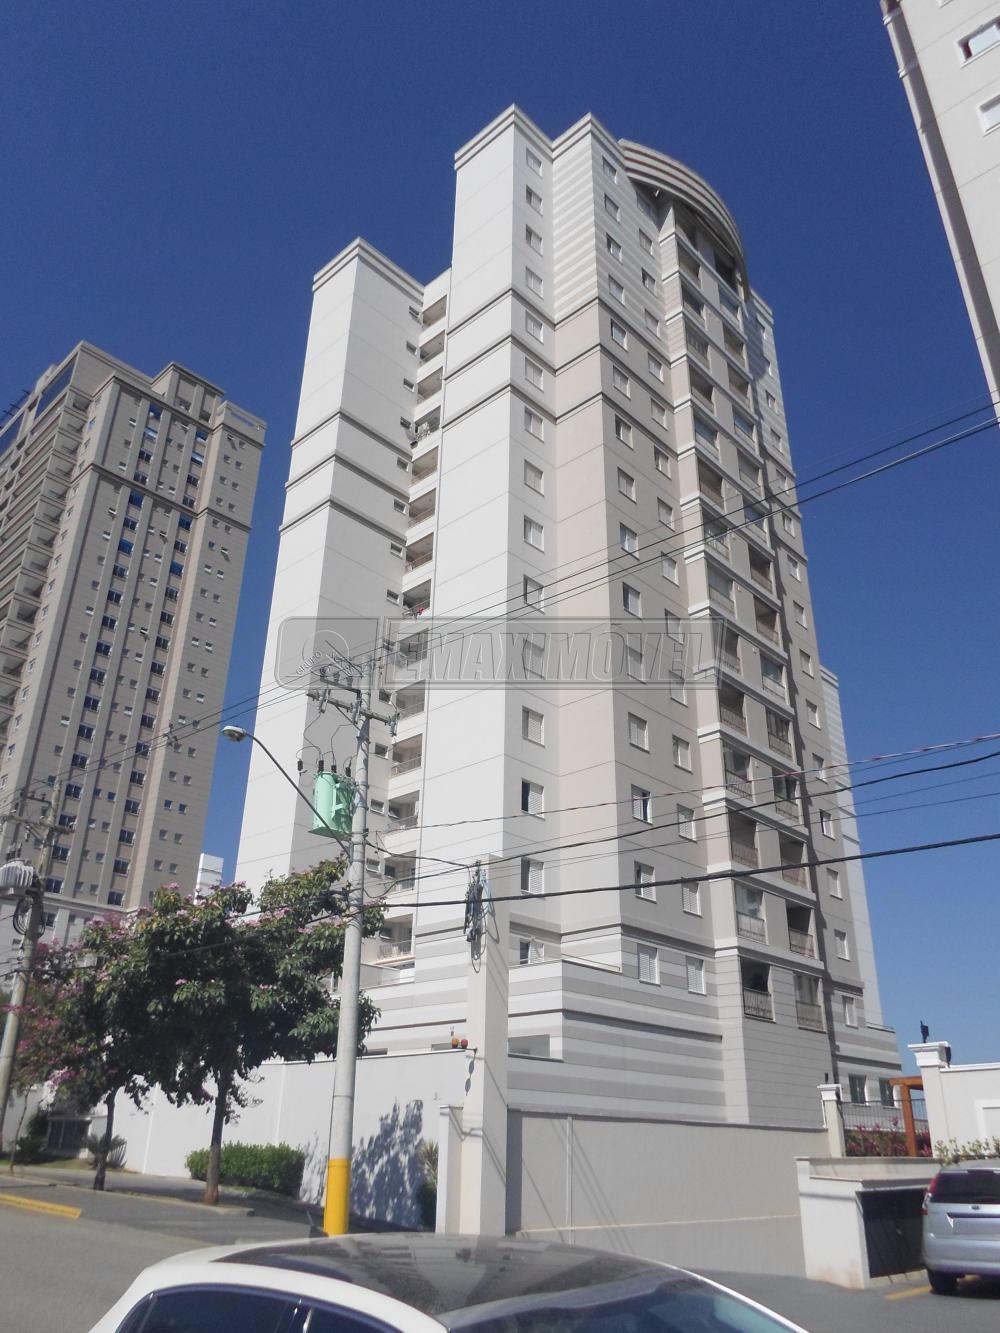 Comprar Apartamentos / Apto Padrão em Sorocaba apenas R$ 950.000,00 - Foto 1